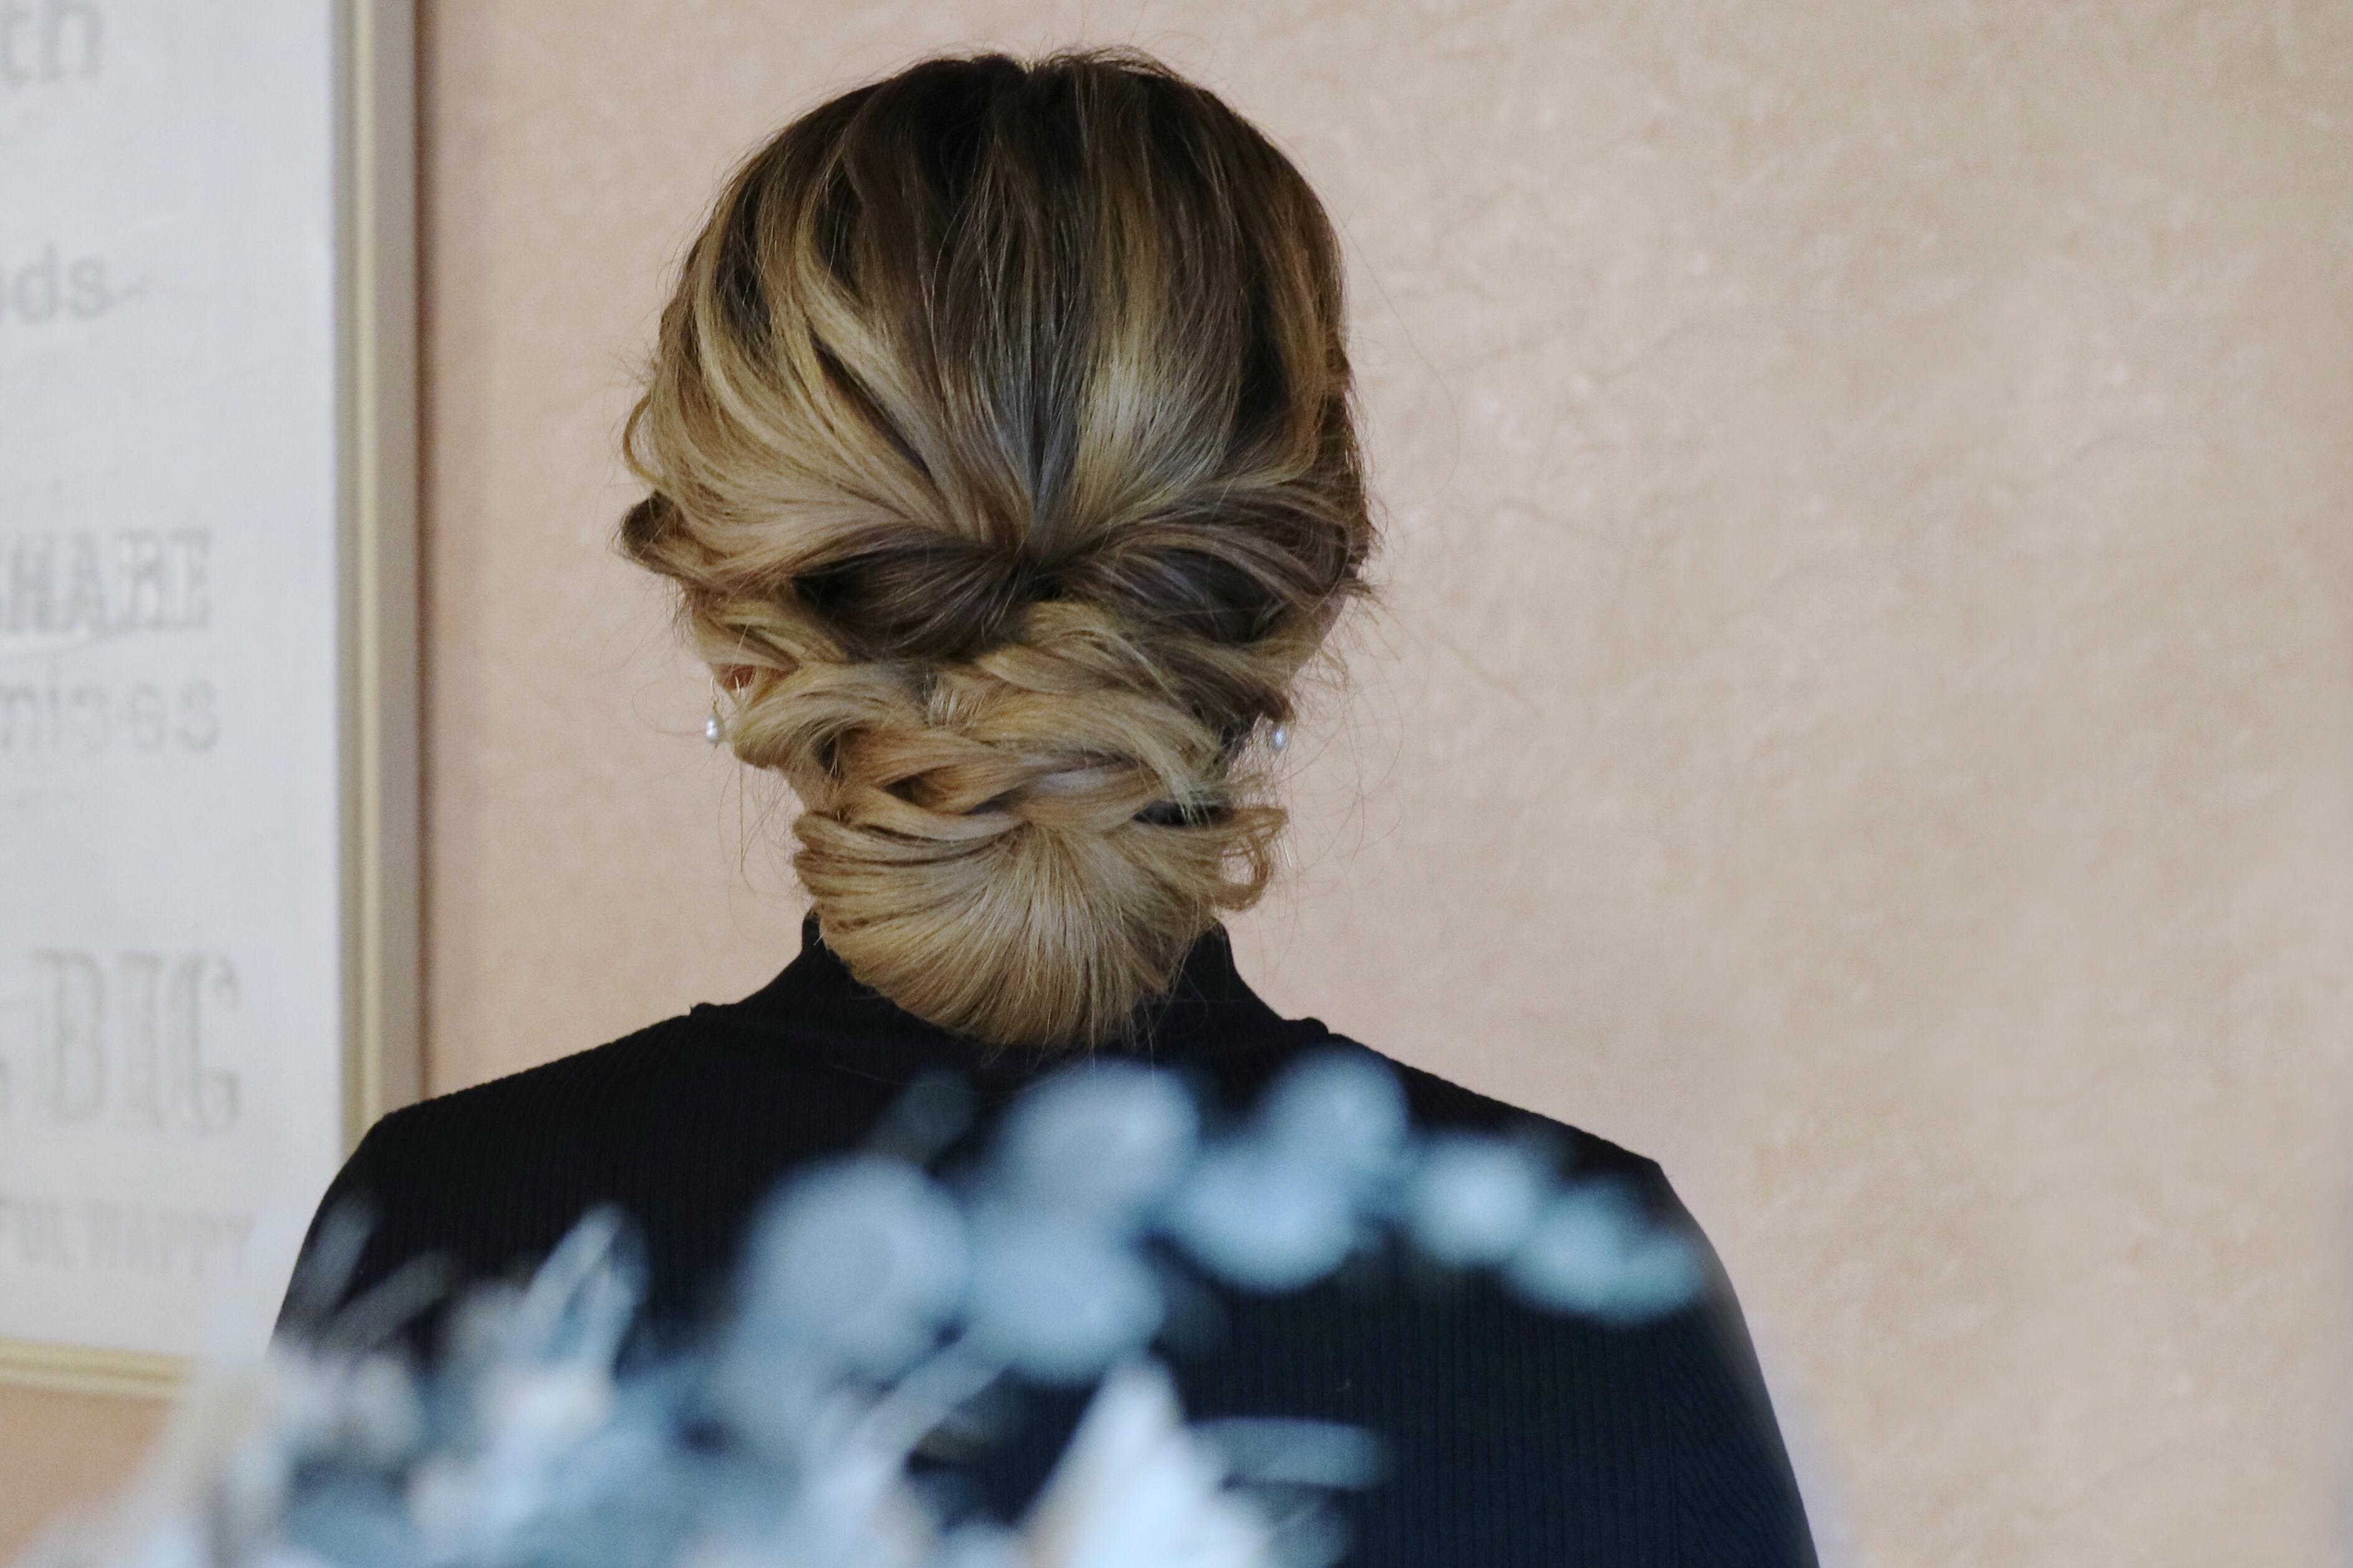 自分で簡単に出来る髪型!セルフヘアアレンジ動画♪シニヨンアップスタイル編〜ミディアム・ロング〜 で紹介している画像